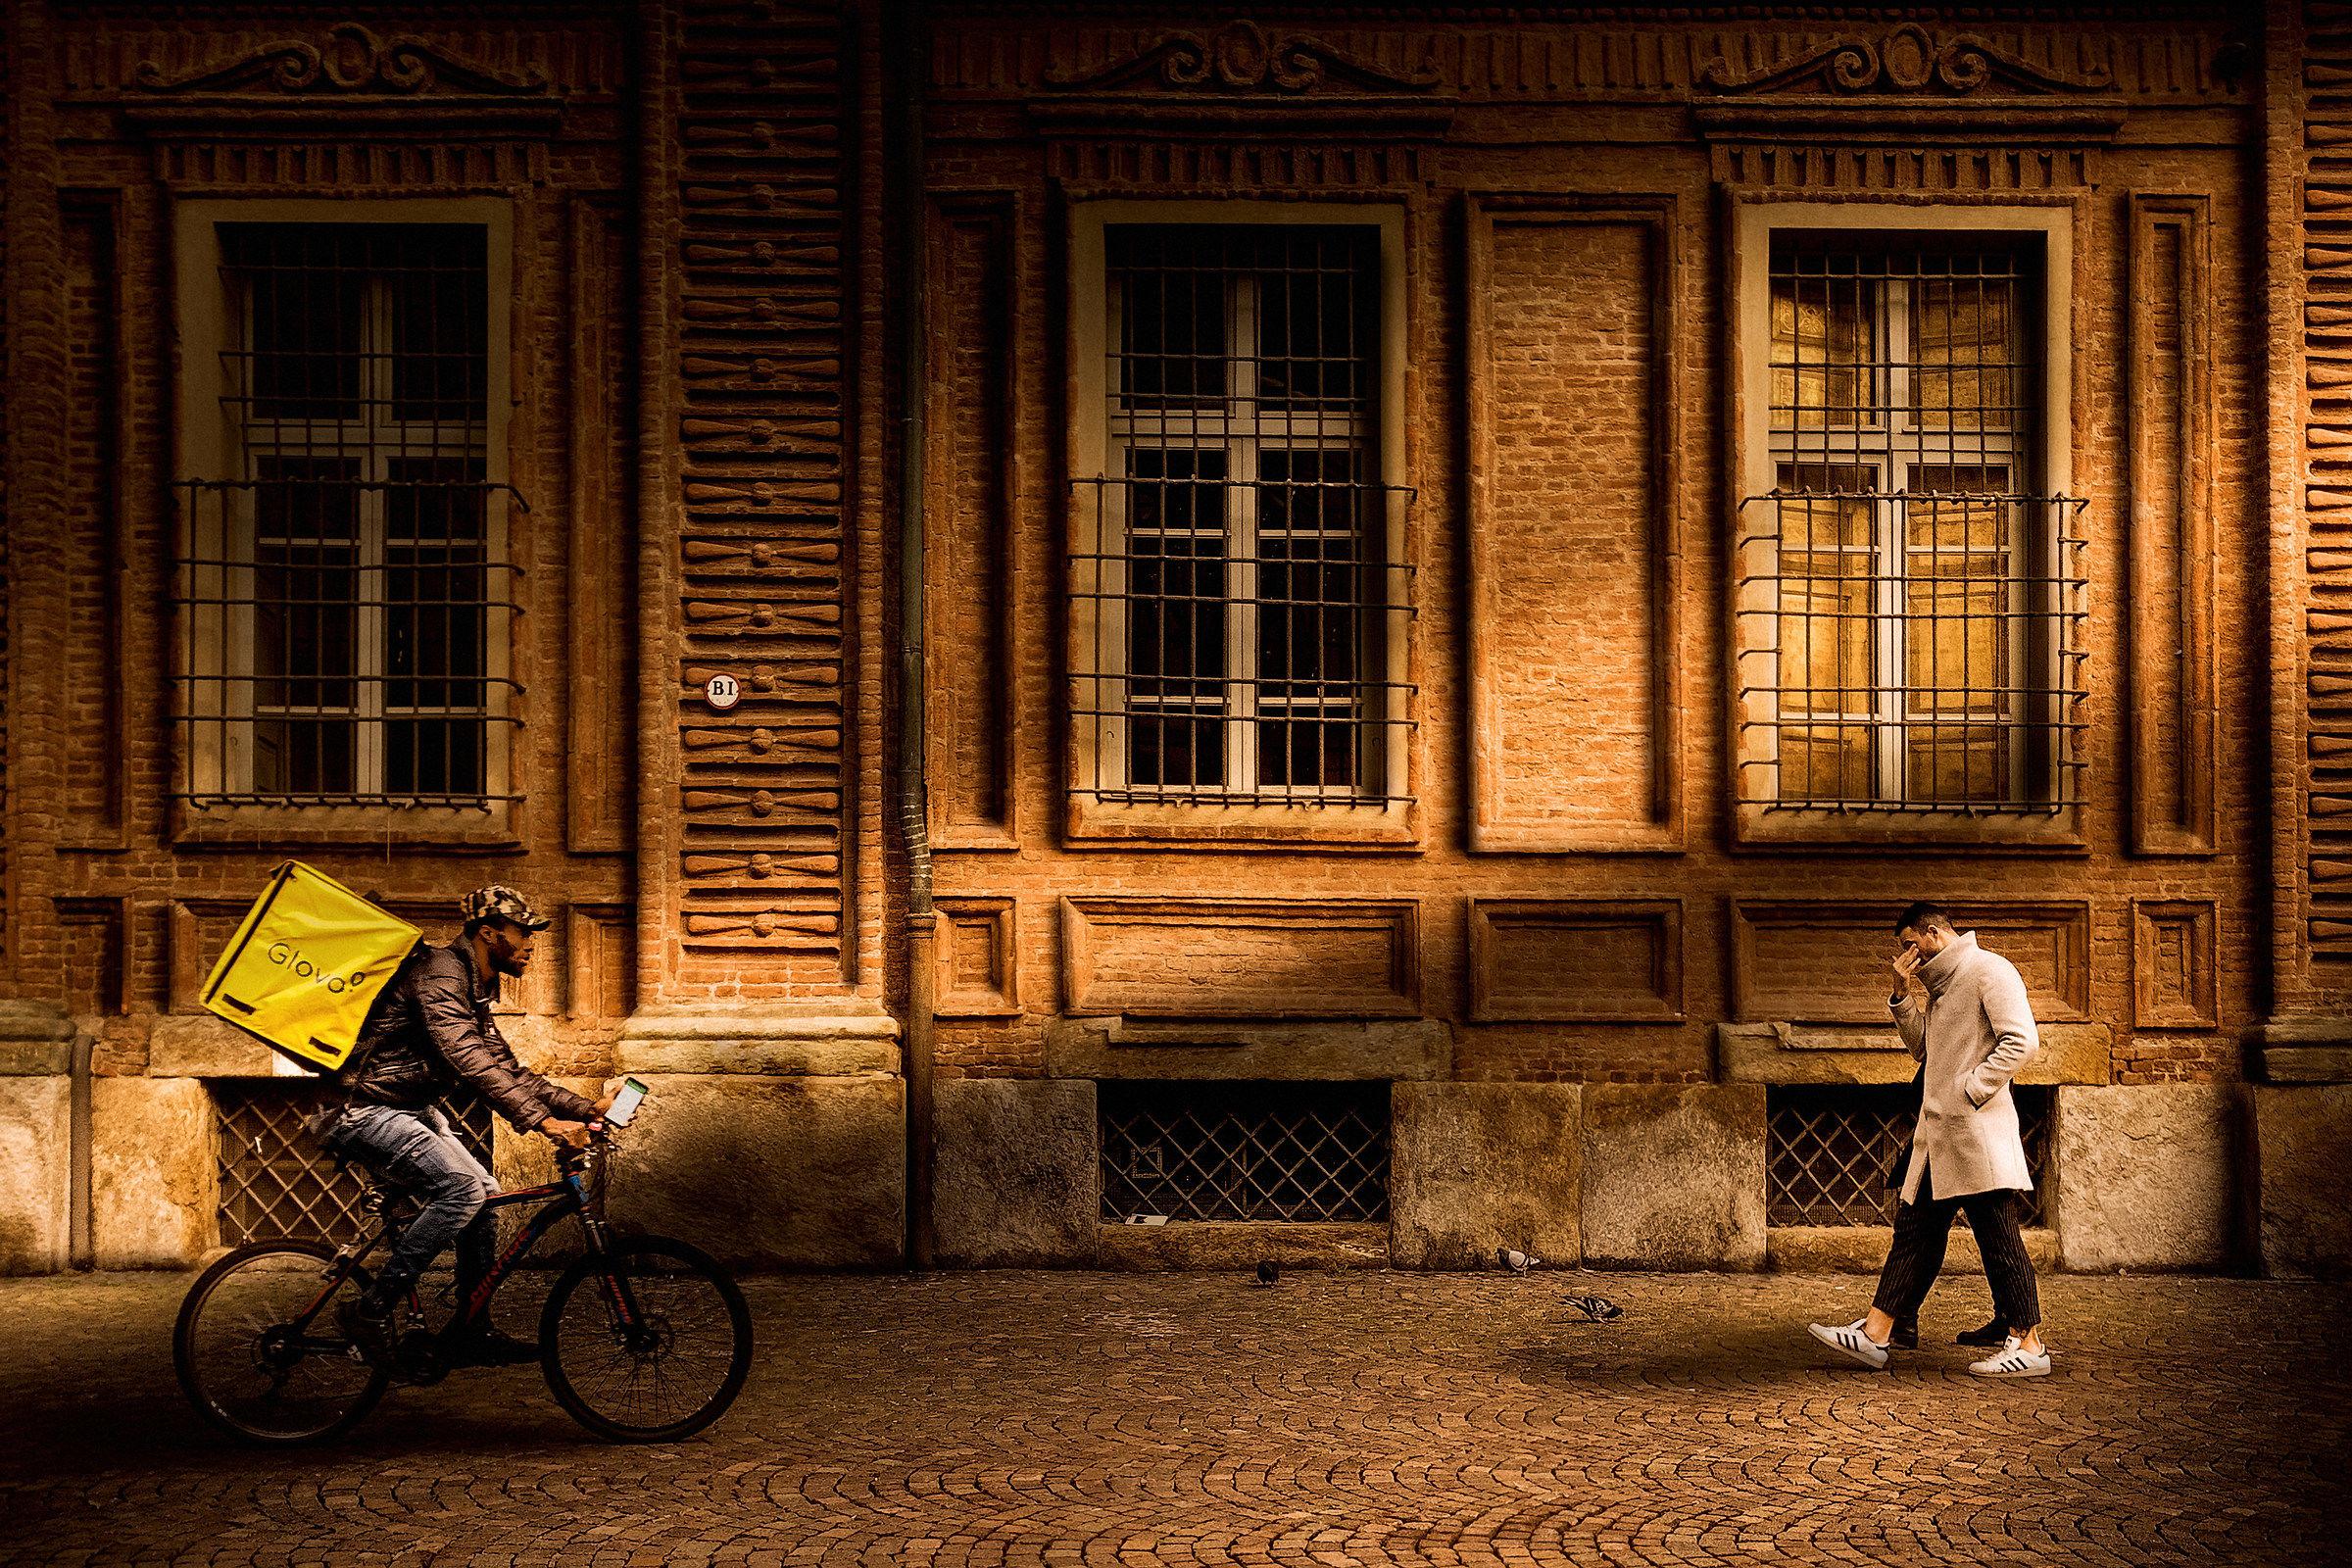 Passeggiando a Torino...